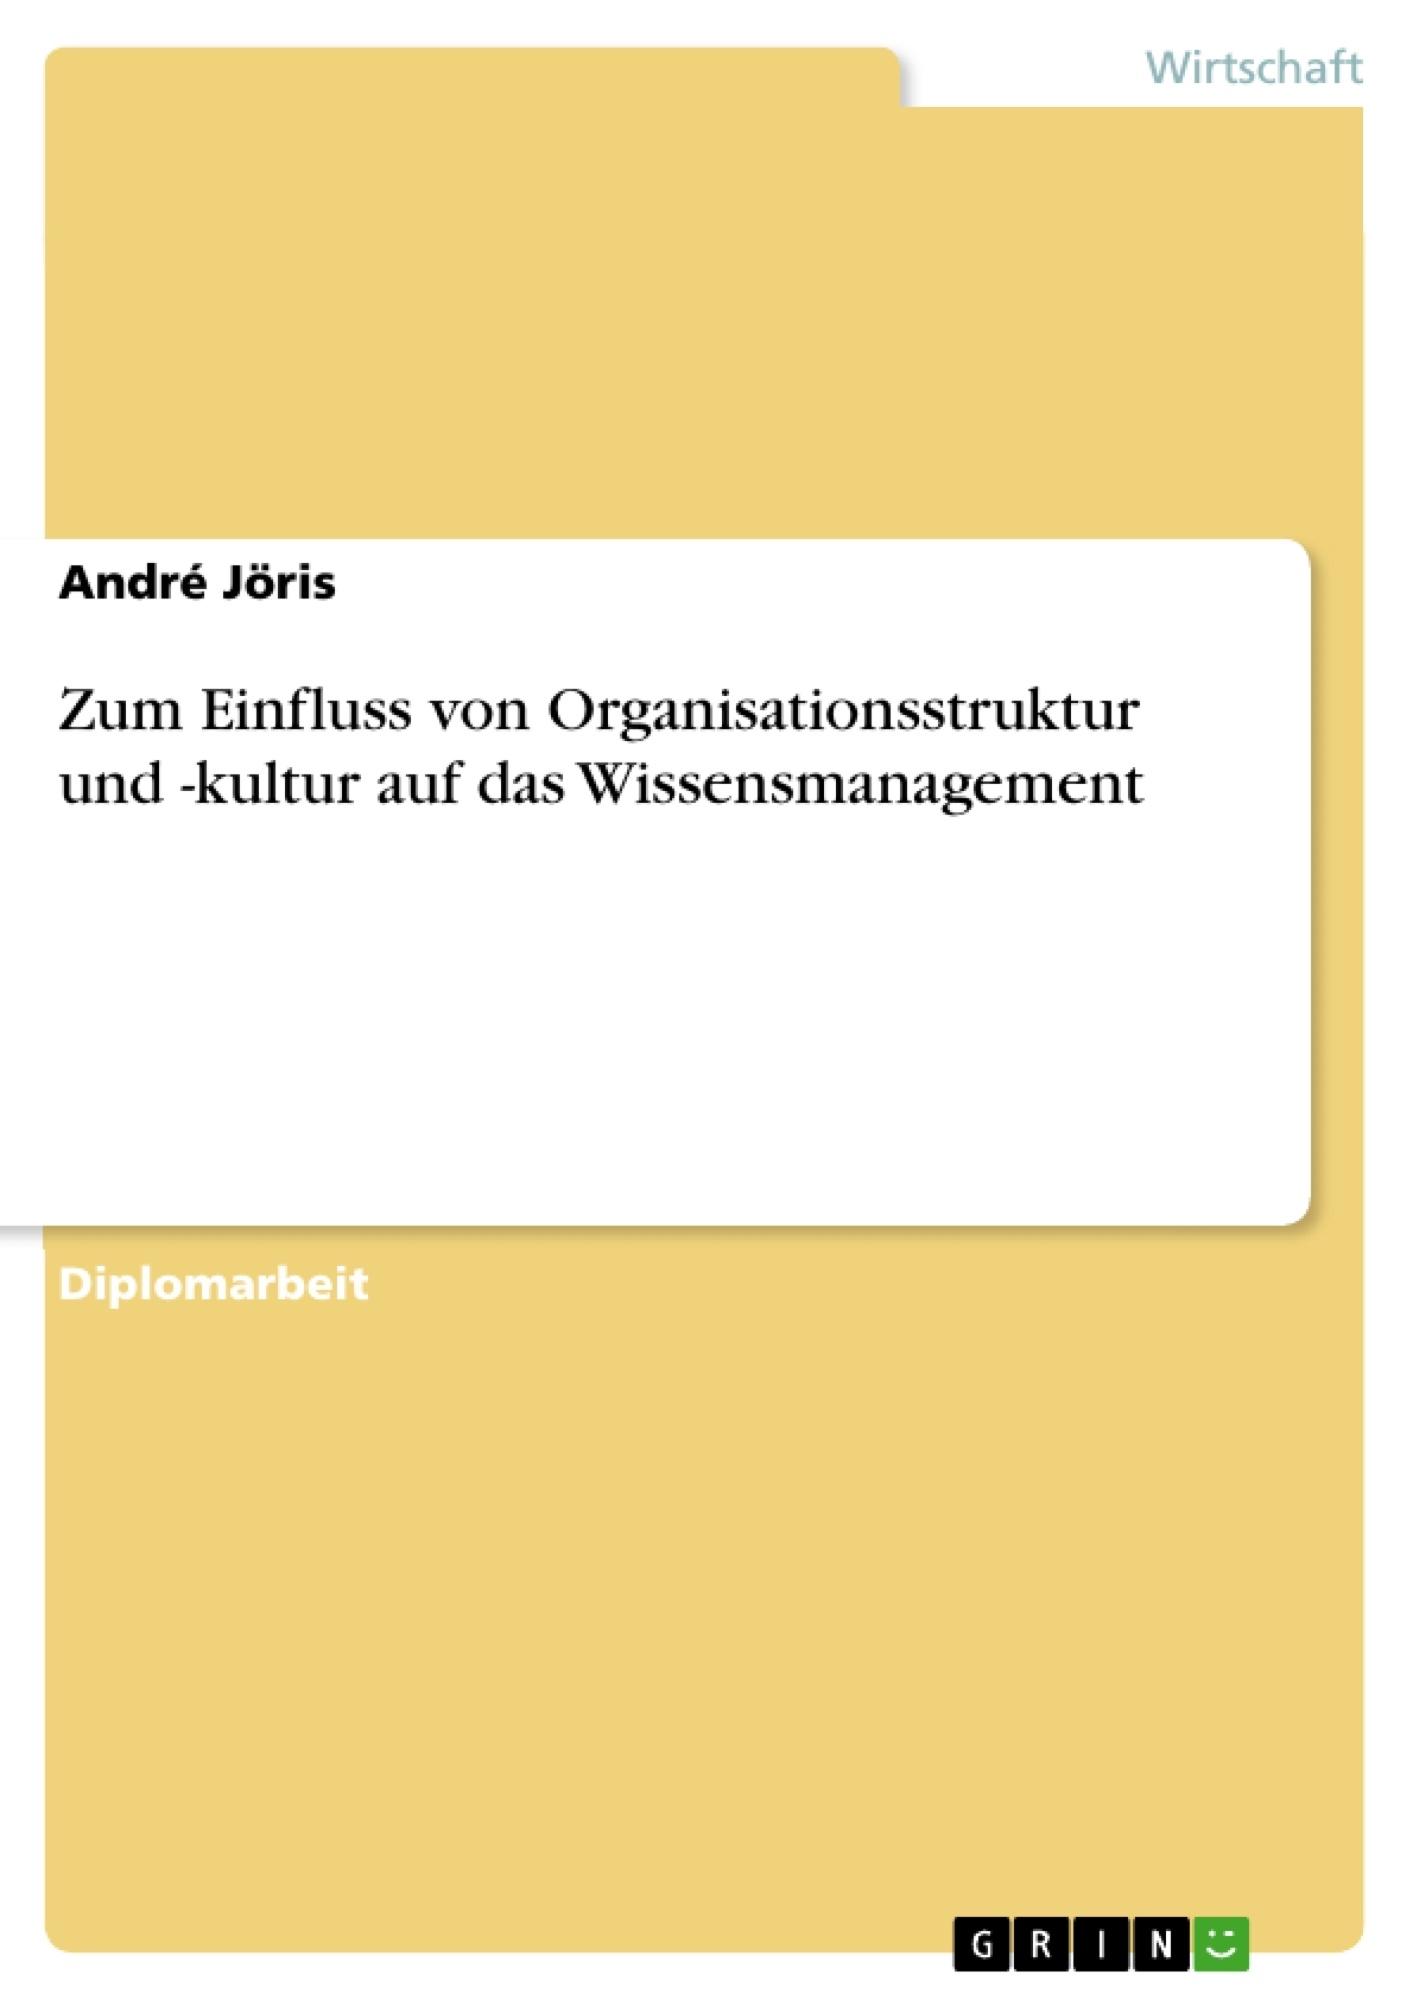 Titel: Zum Einfluss von Organisationsstruktur und -kultur auf das Wissensmanagement